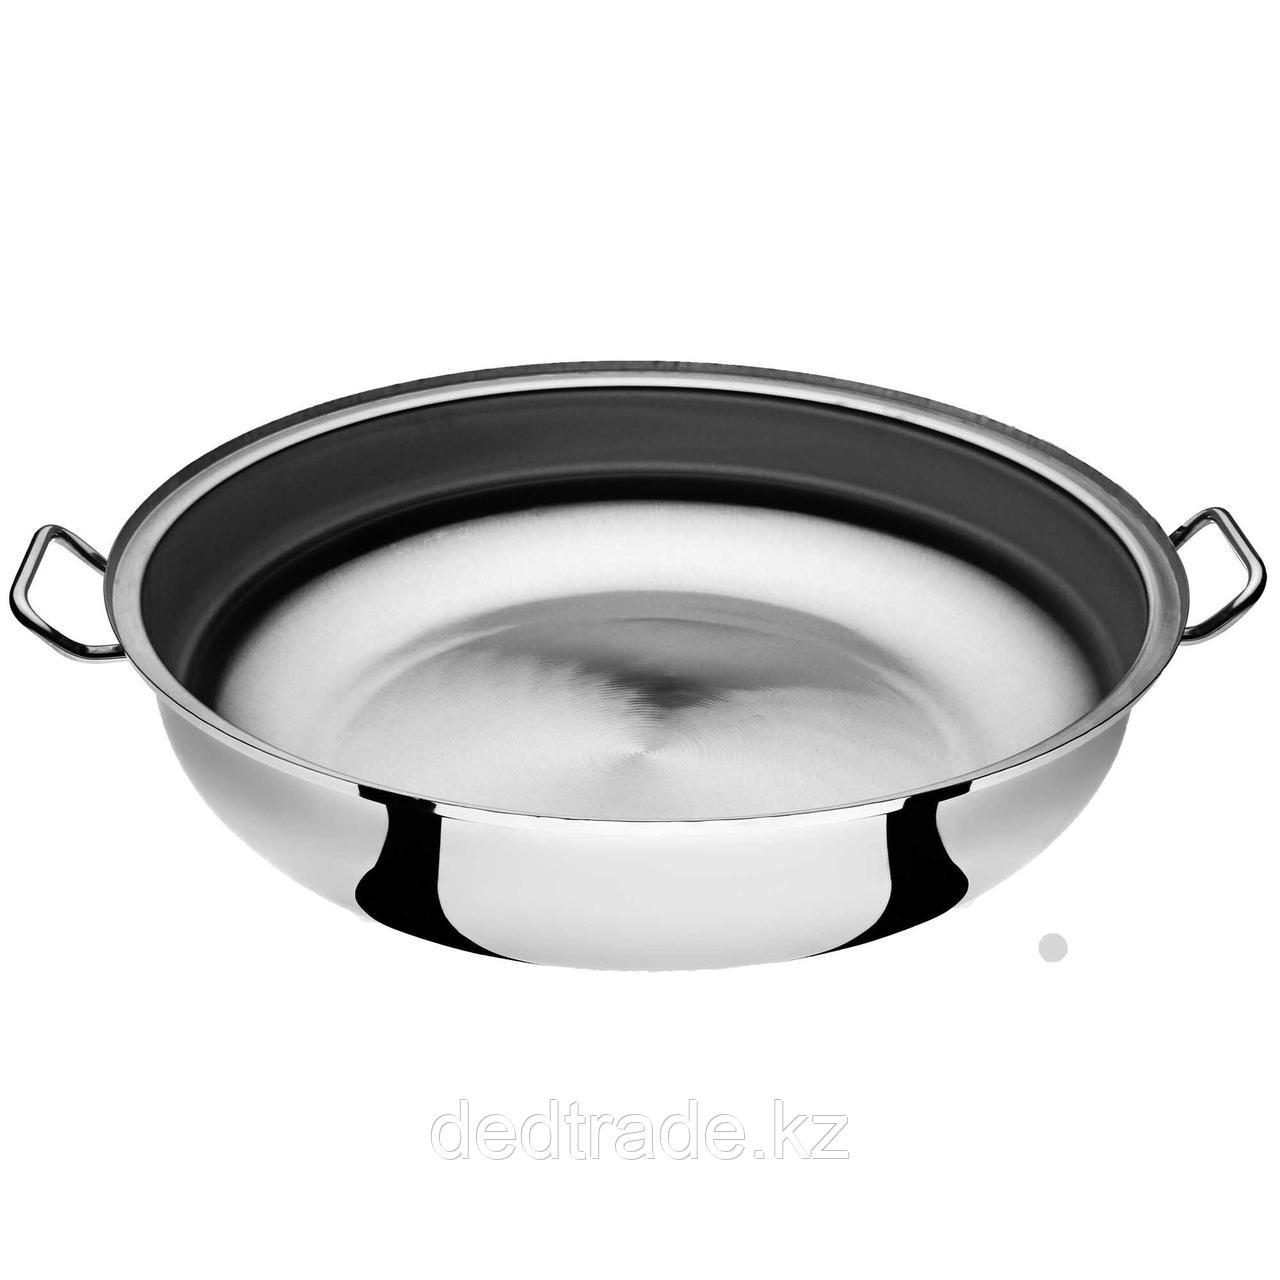 Сковорода из нержавеющая сталь